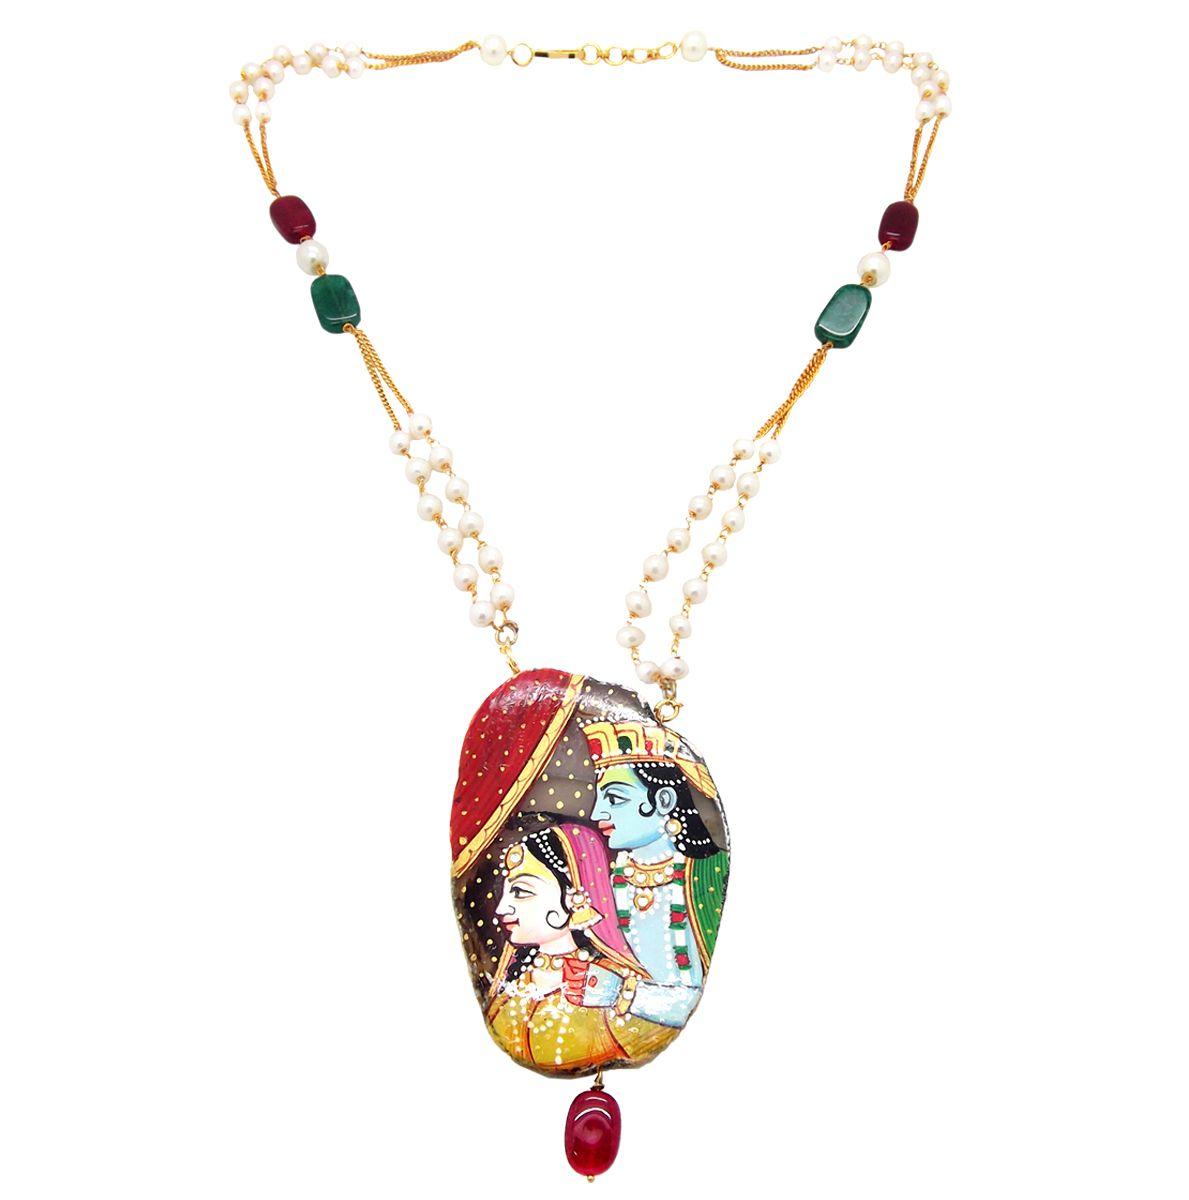 9blings Radha Krishna Handpainted Jaipuri Pearl Necklace Chain